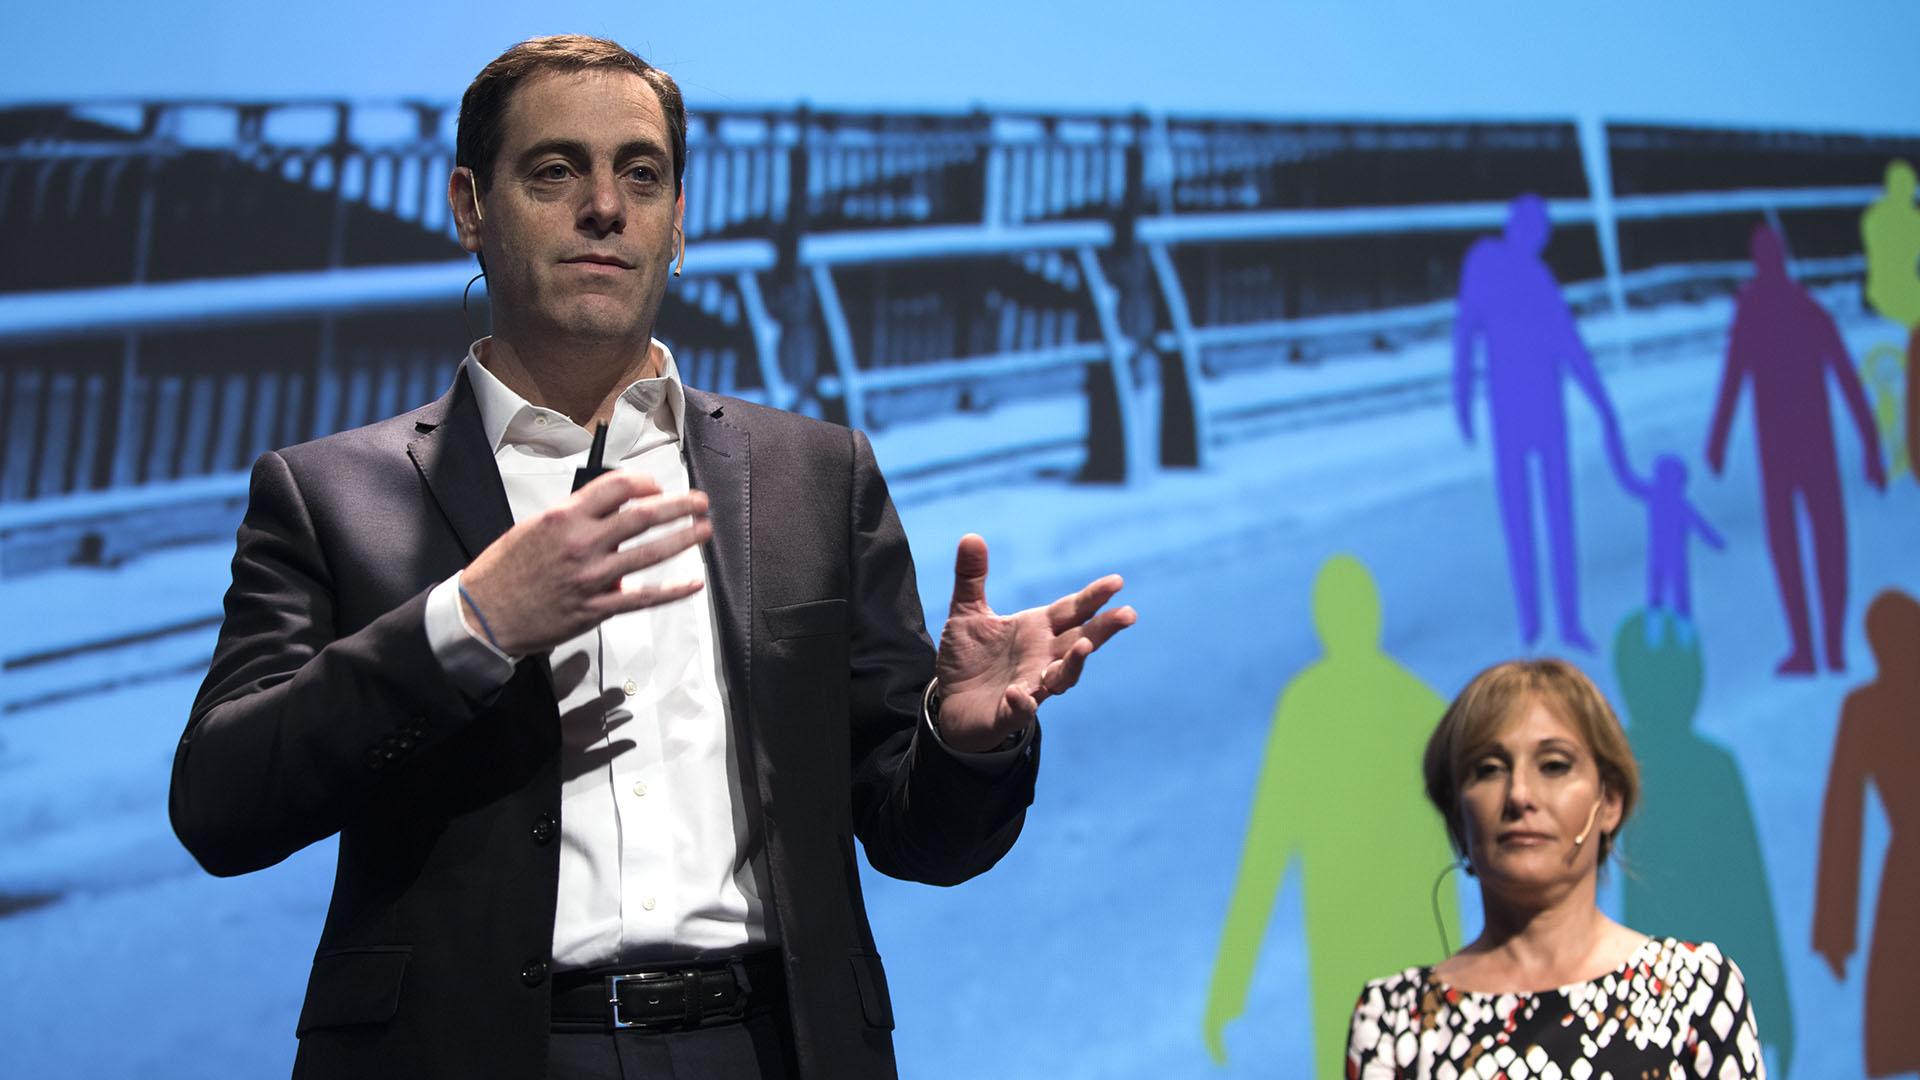 Santiago Bilinkis, Emprendedor y tecnólogo